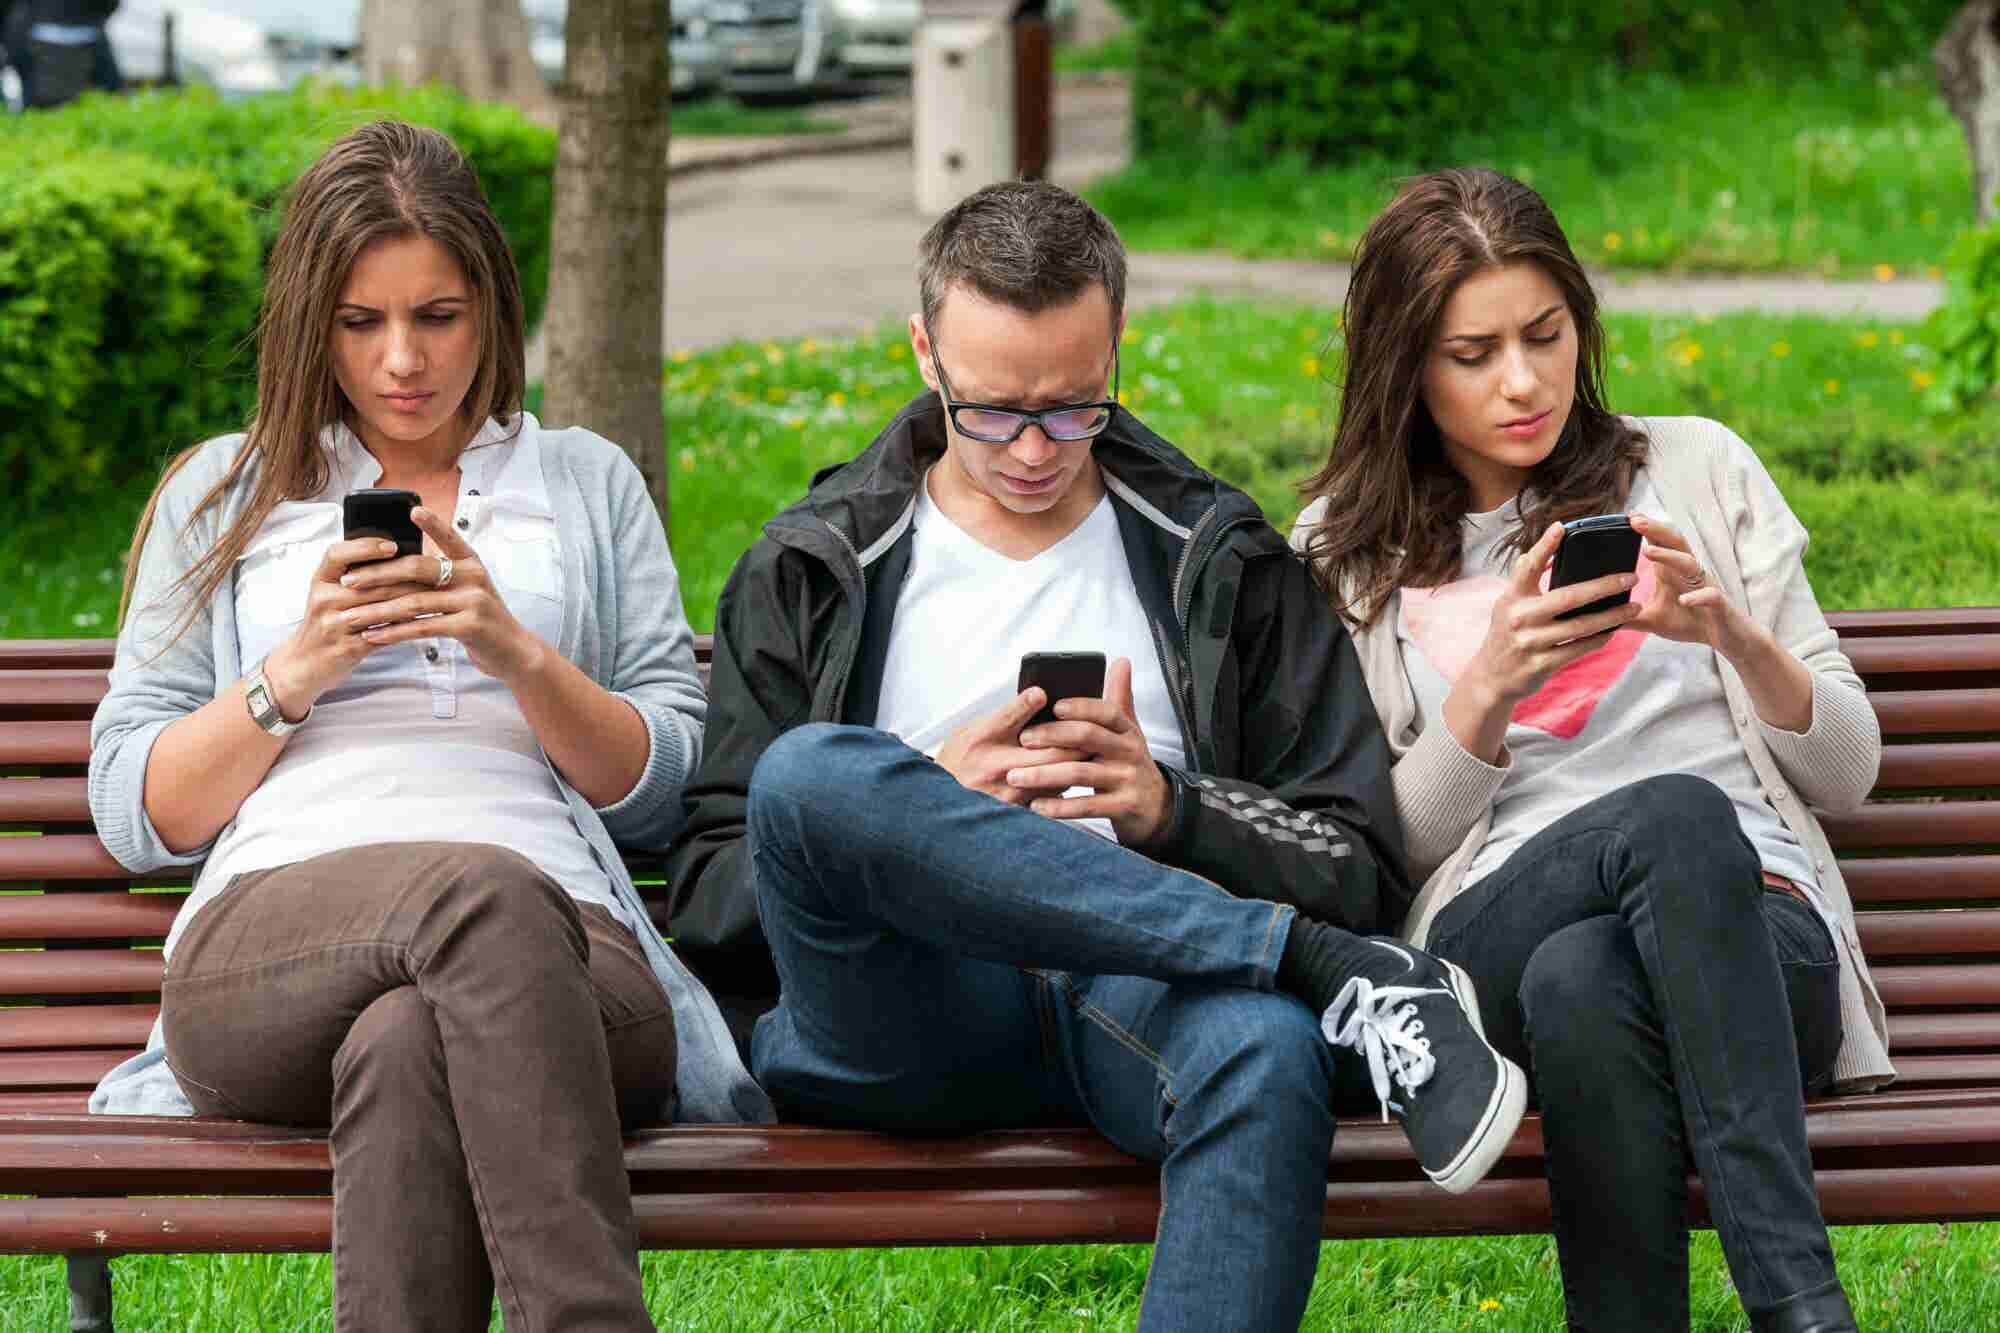 Te apostamos a que también lo haces: 7 de cada 10 personas usan su celular para evitar hablar con otros